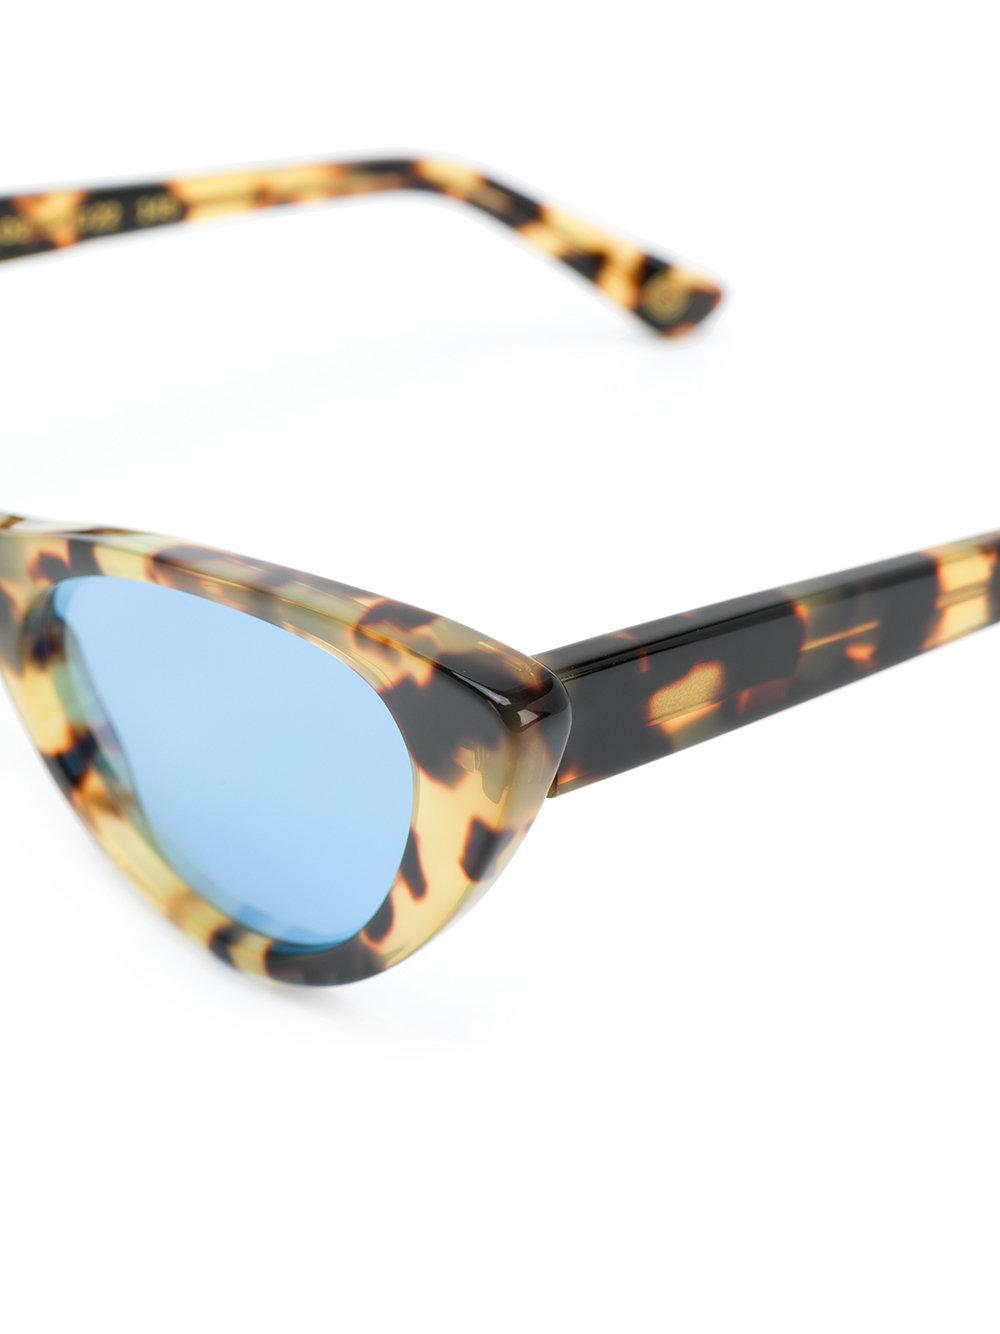 Kyme Viola 2 Sunglasses in Brown